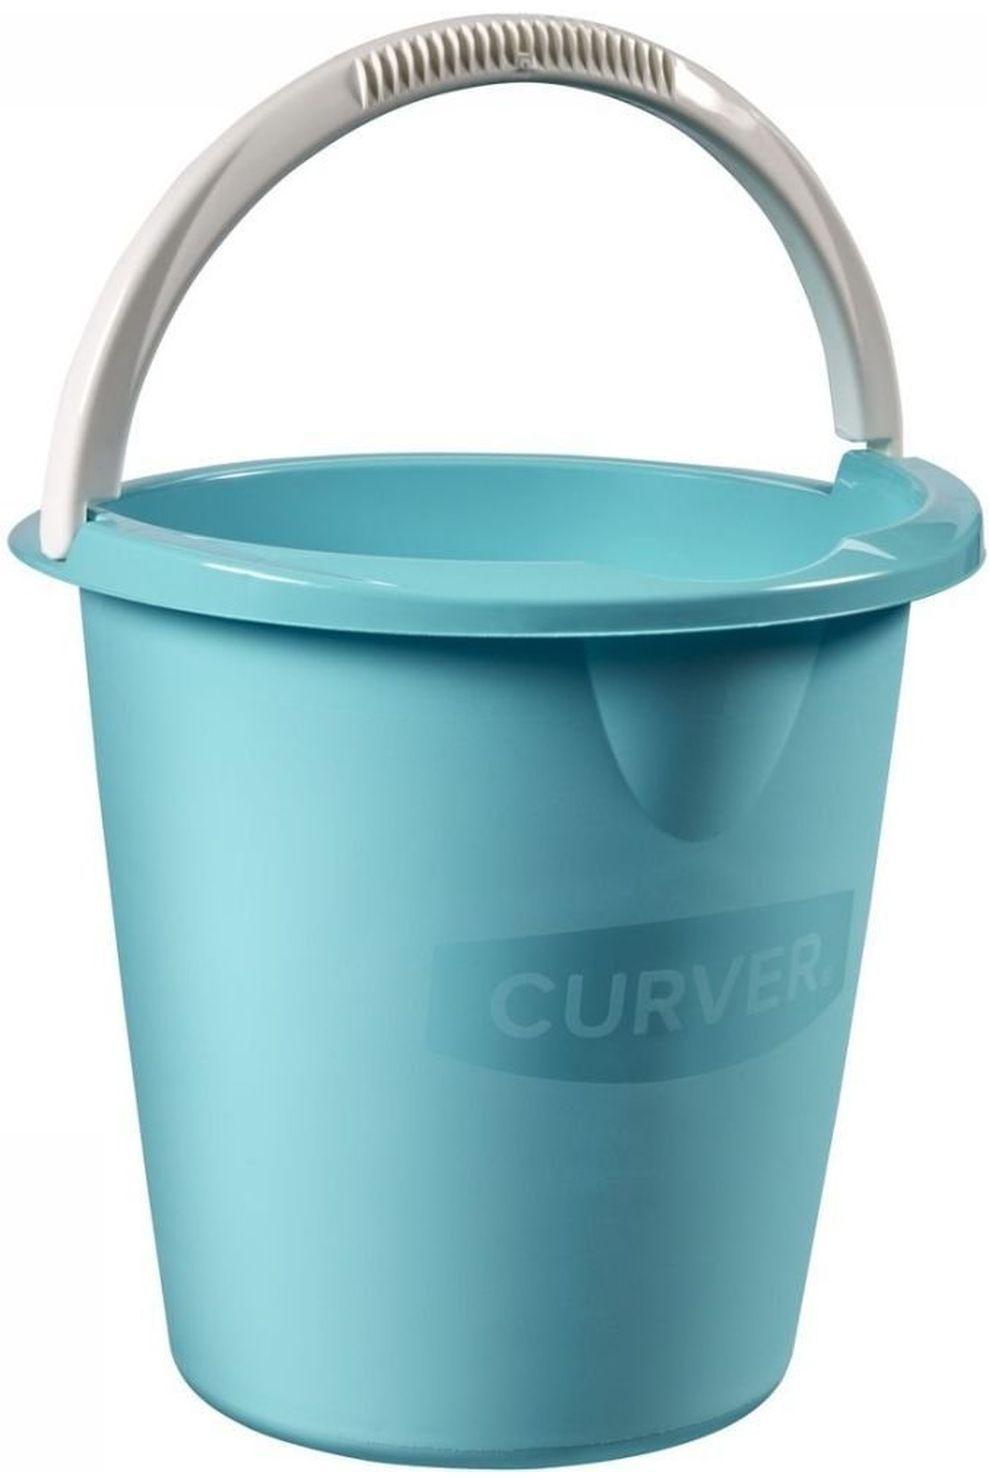 Curver Diverse Emmer Met Schenktuit - Blauw